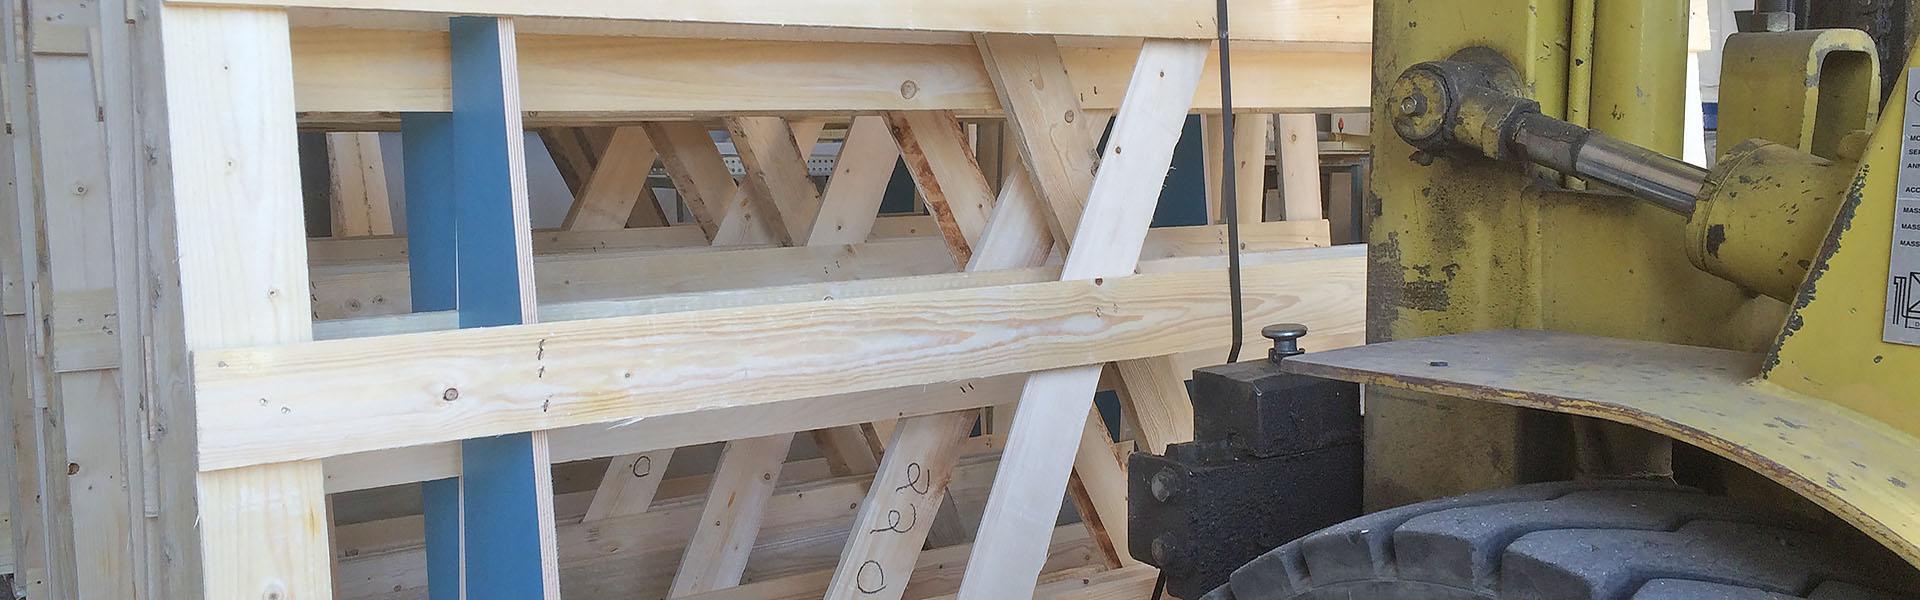 Puupakkaukset lasiteollisuuteen - Pirkanmaan Box Oy